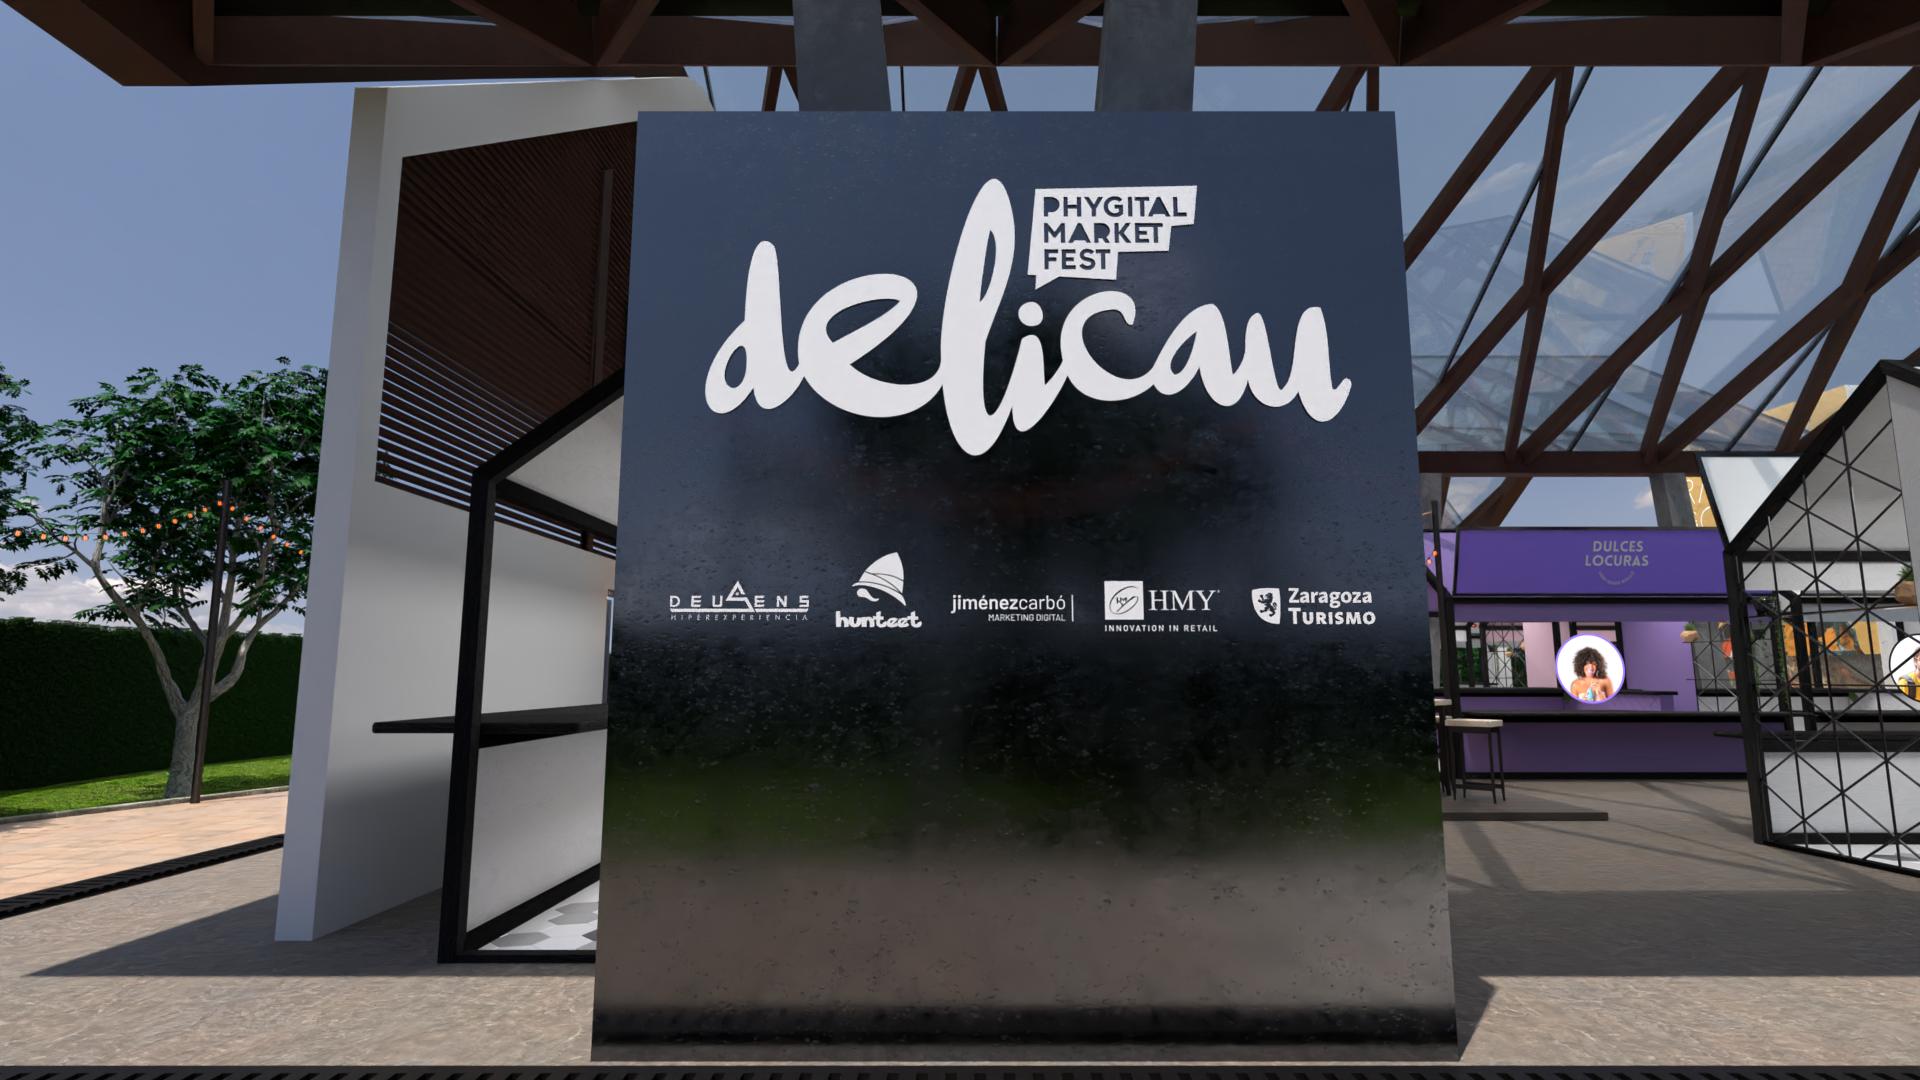 Fuente Delicau Fest 1. Cartel de bienvenida en Delicau Fest